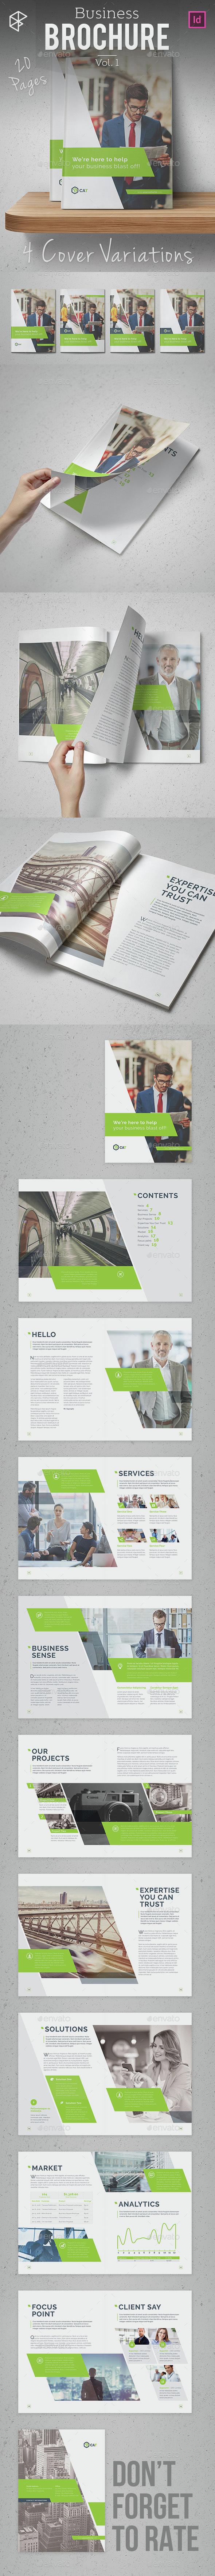 Business Brochure - Vol. 1 - Corporate Brochures